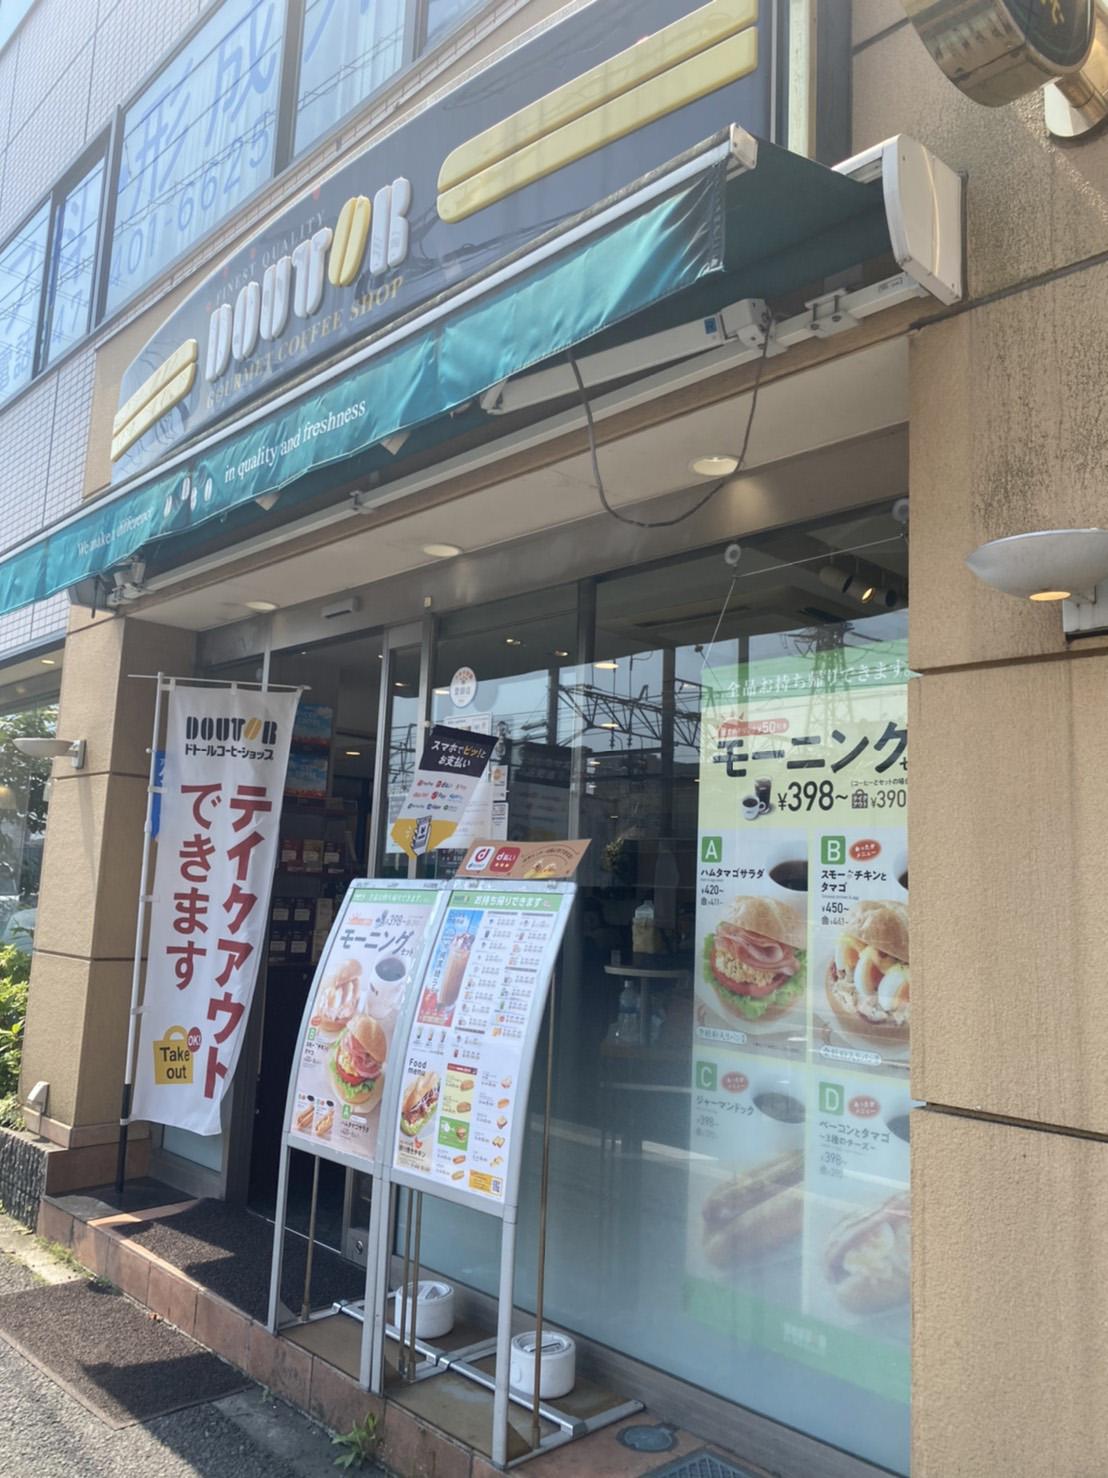 ドトールコーヒーショップ 西船橋南口店の画像